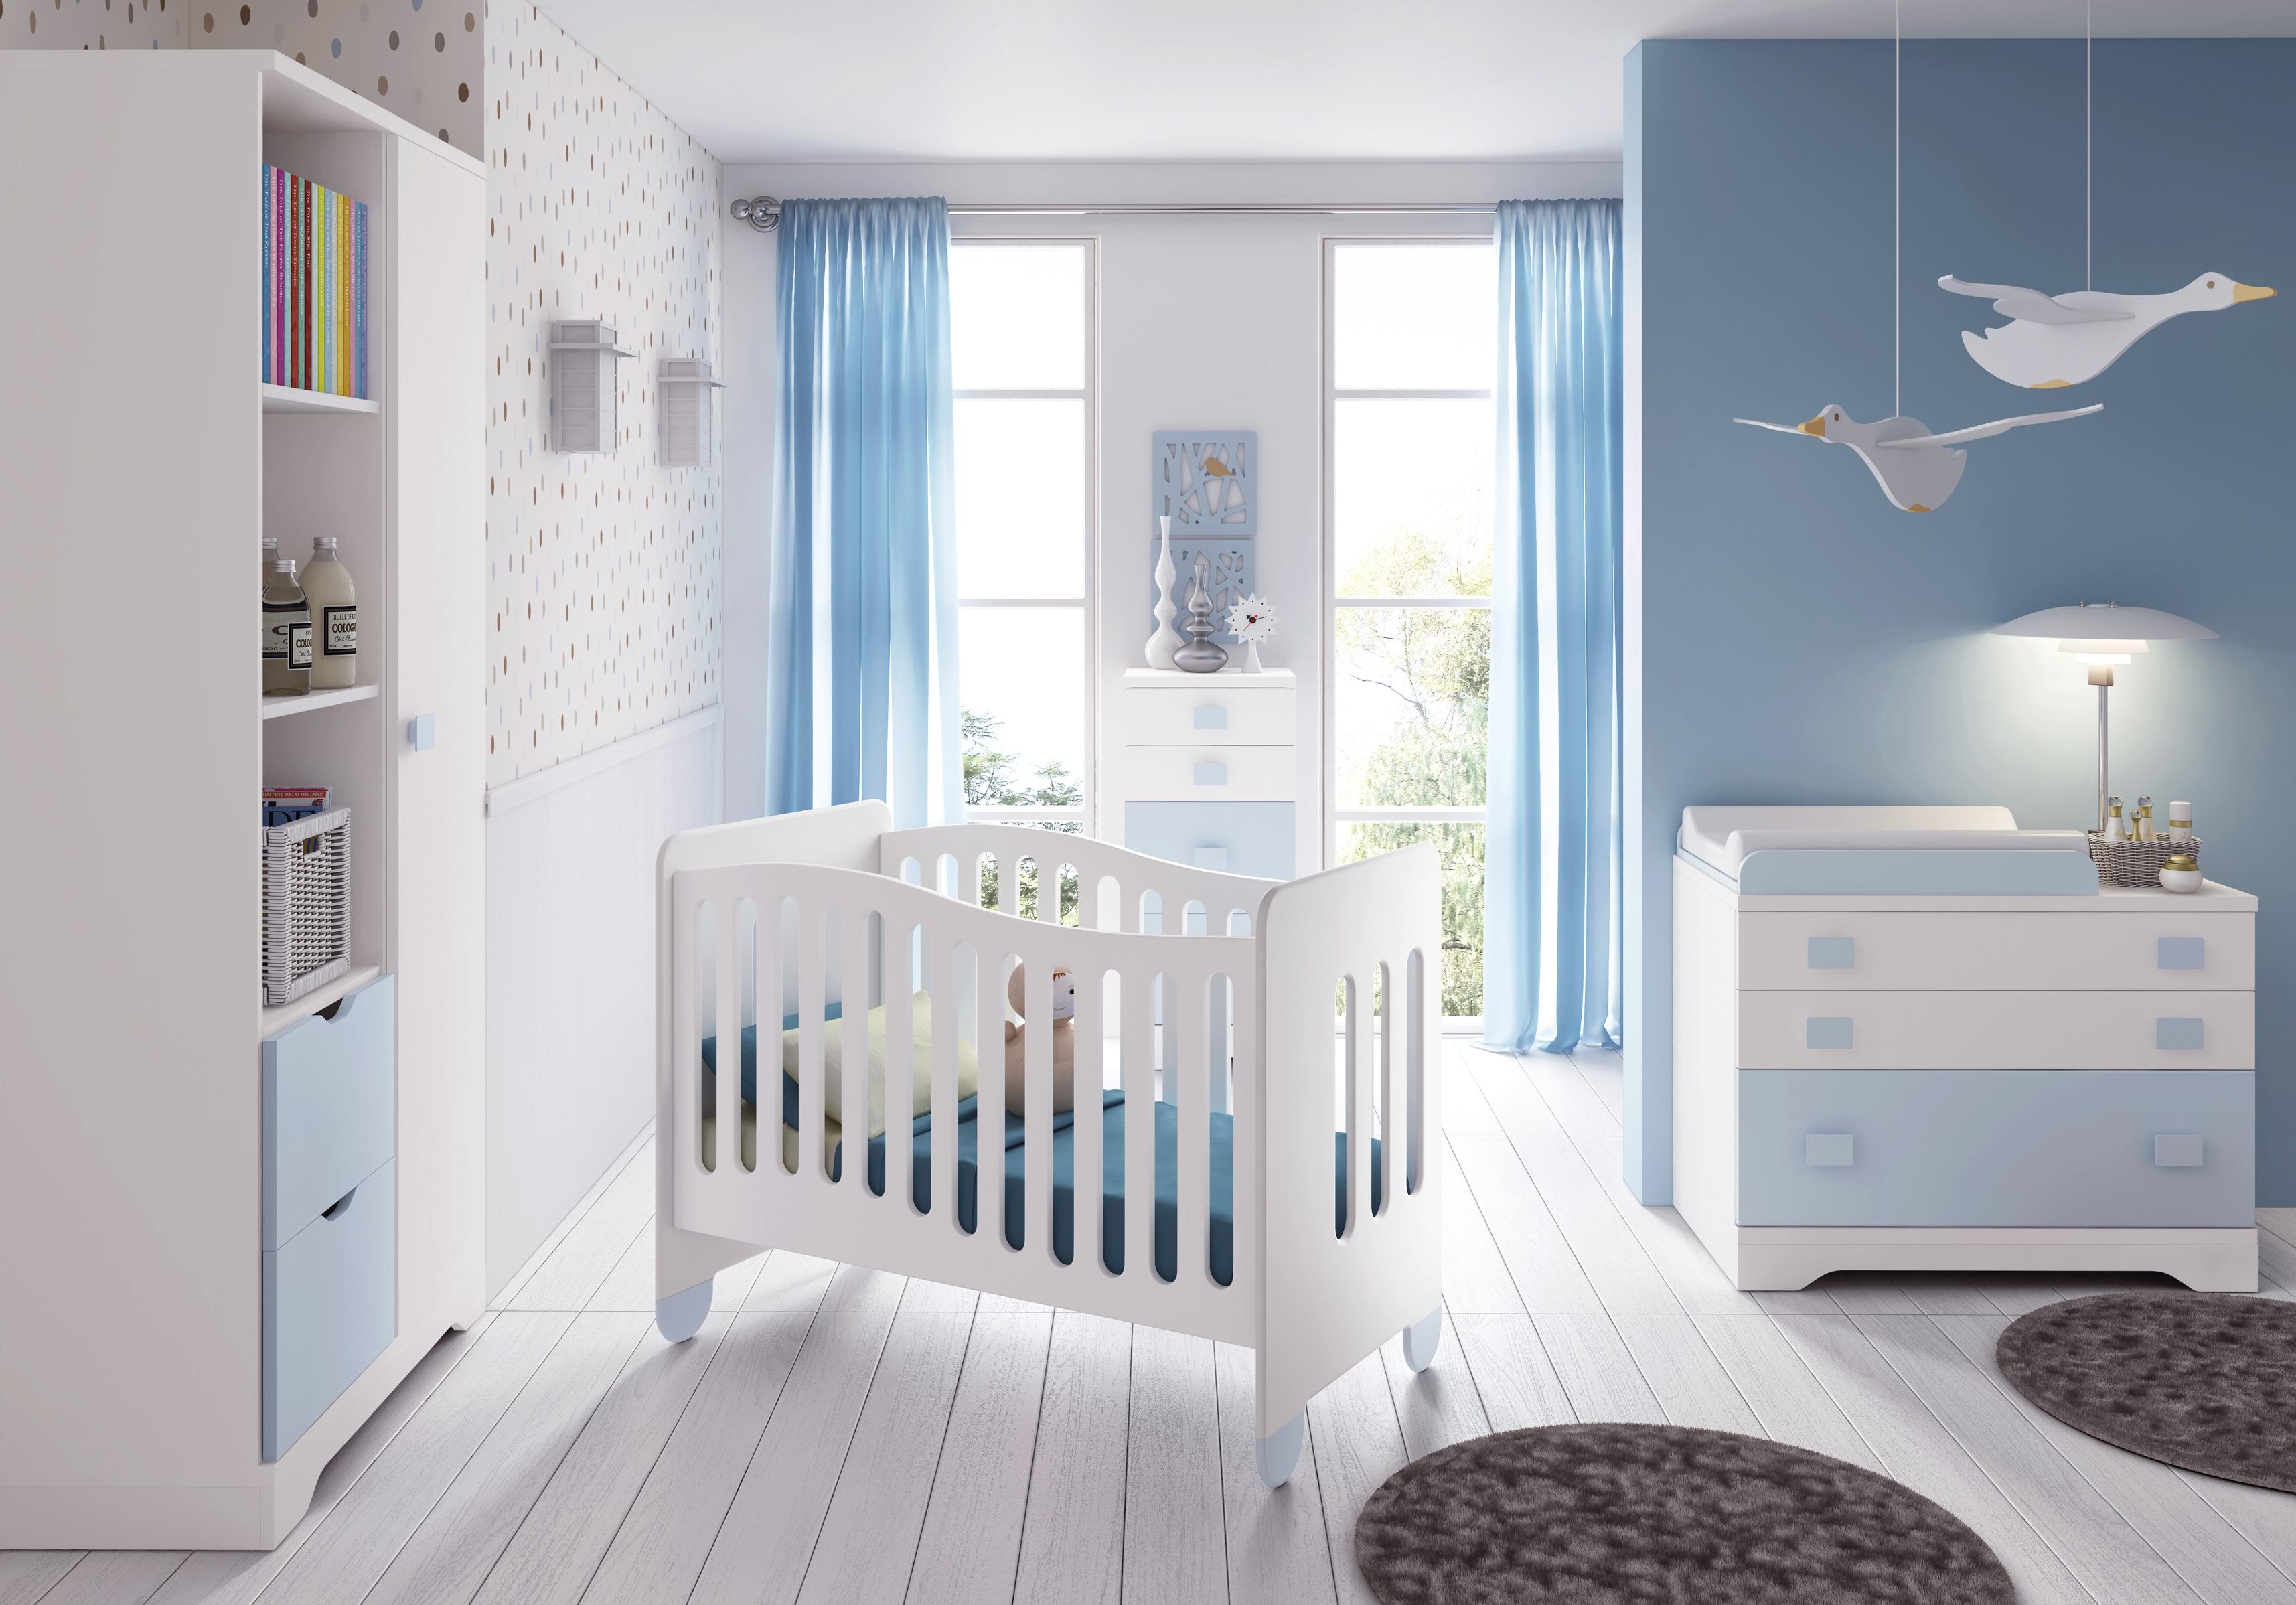 Chambre bébé garçon complète Gioco blanc et bleu - GLICERIO - SO NUIT